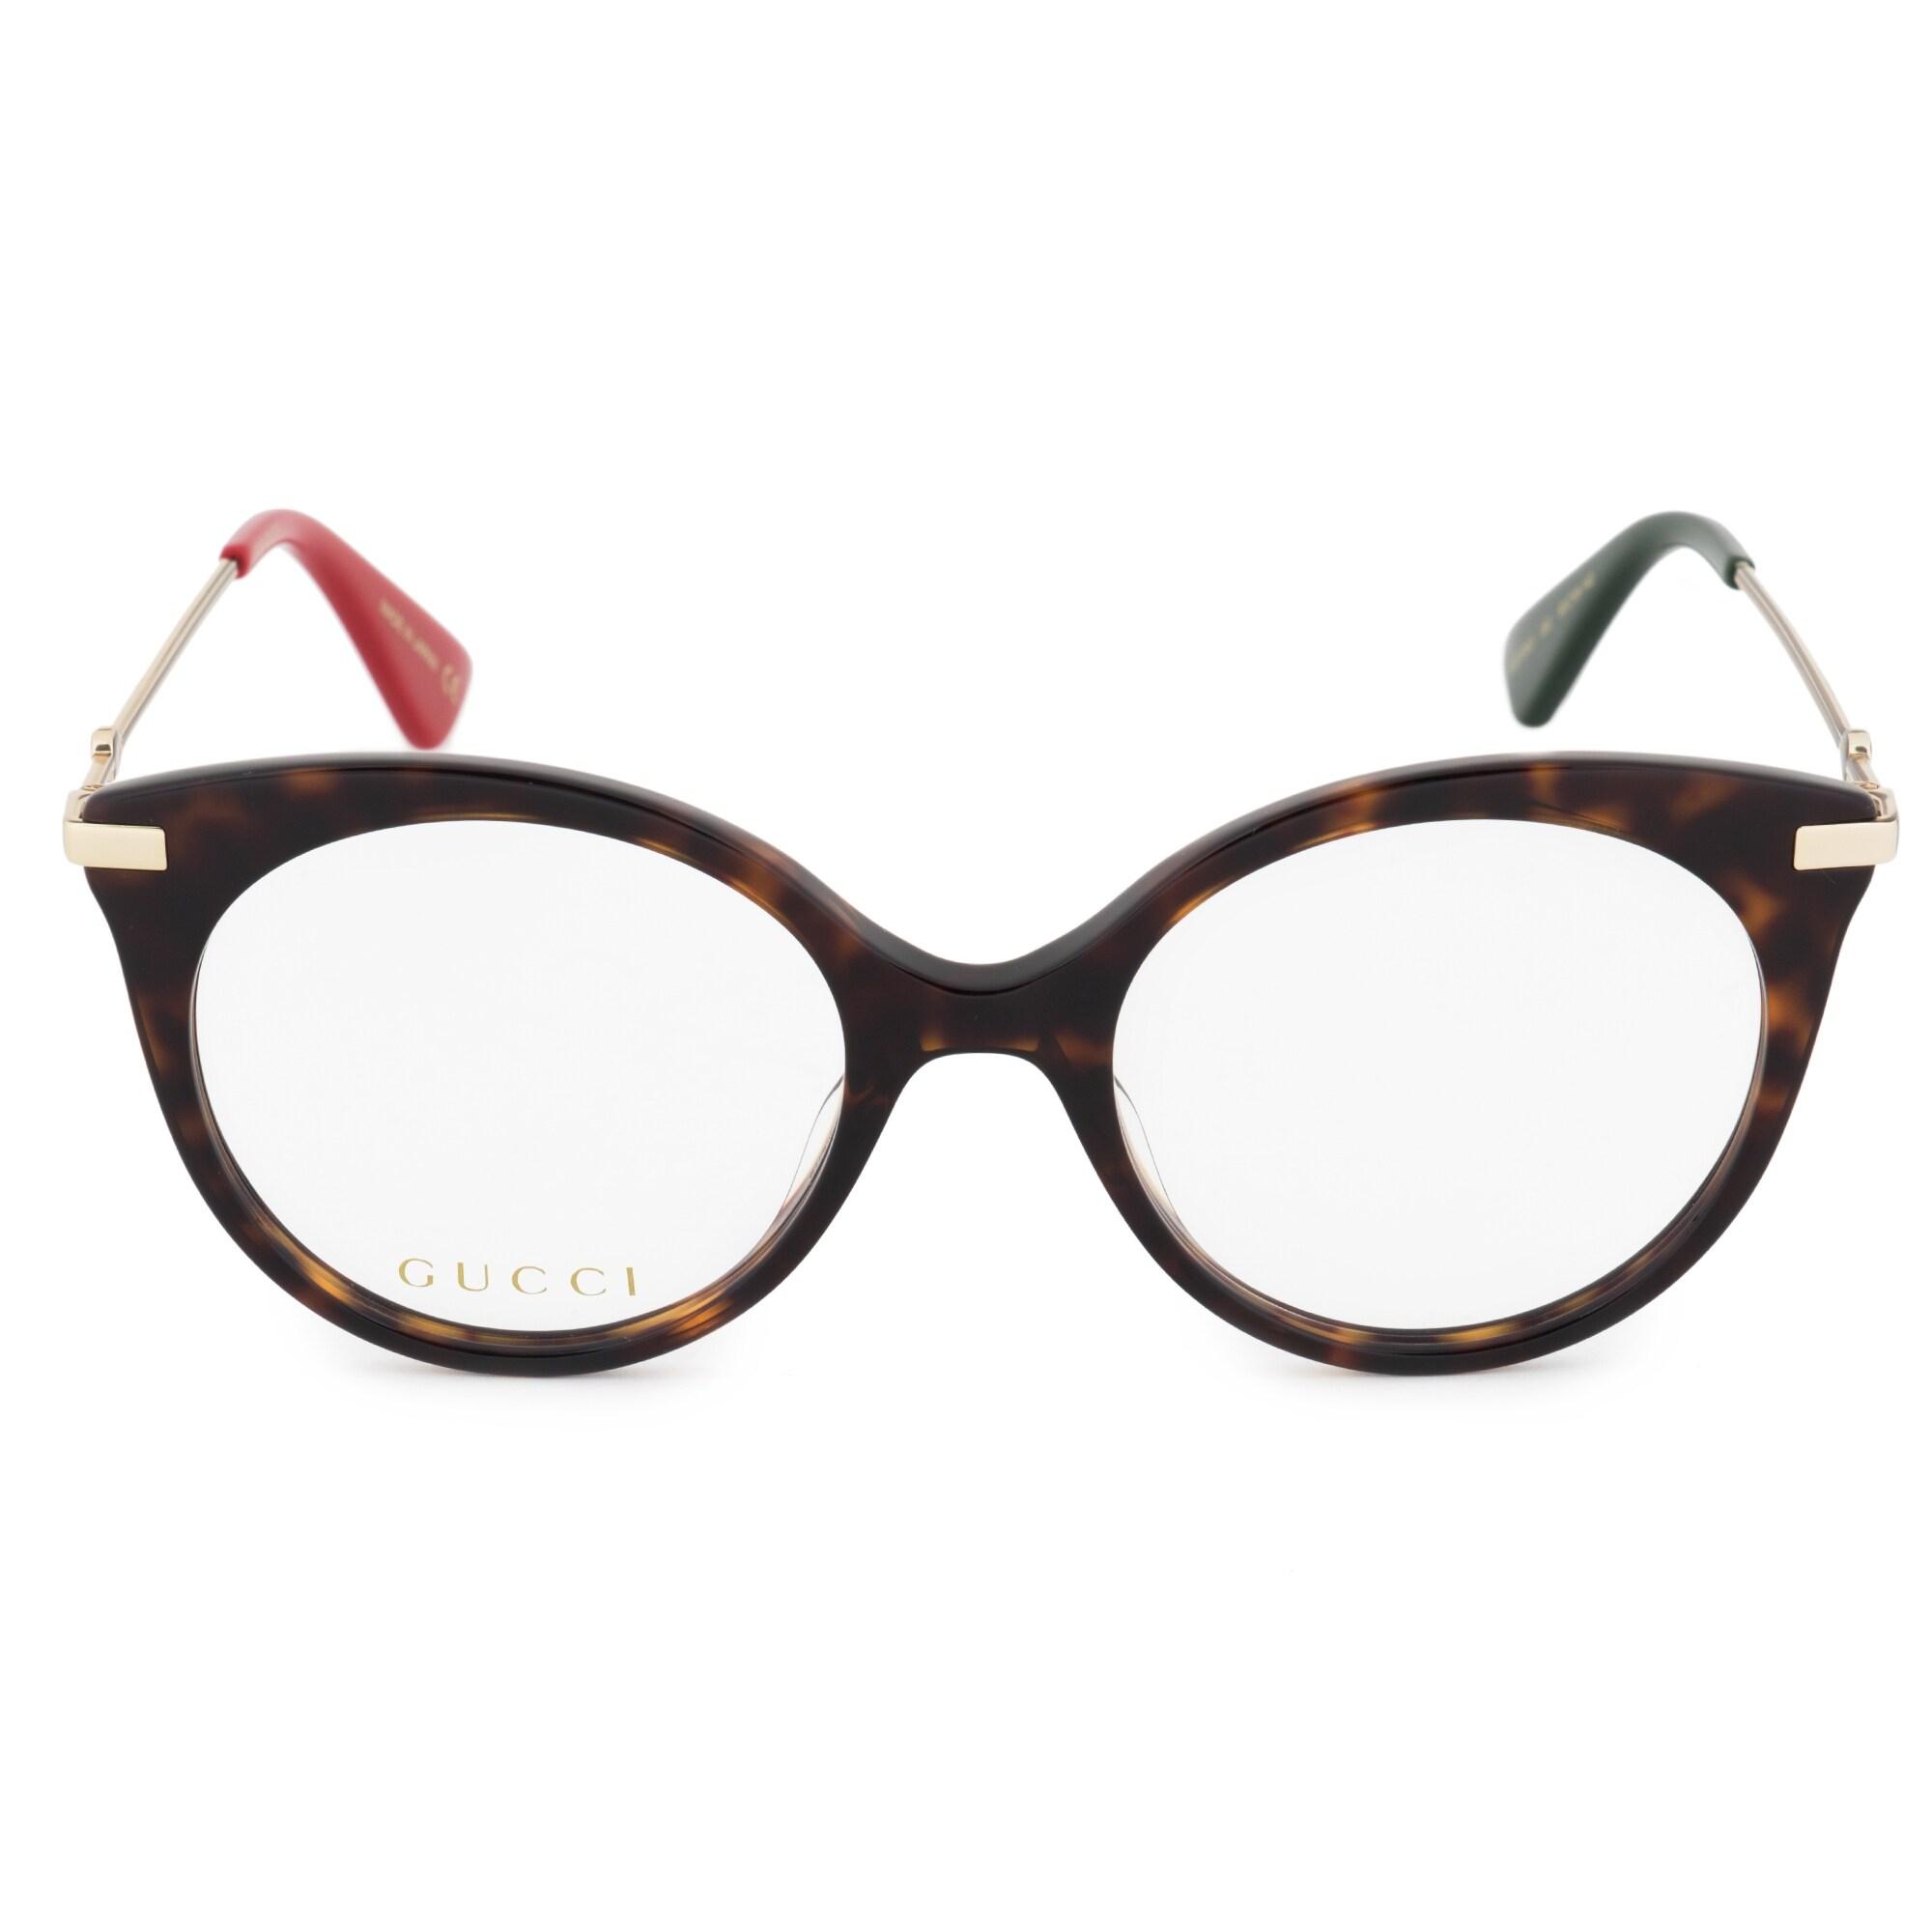 b58967653f44 Buy Gold Optical Frames Online at Overstock | Our Best Eyeglasses Deals